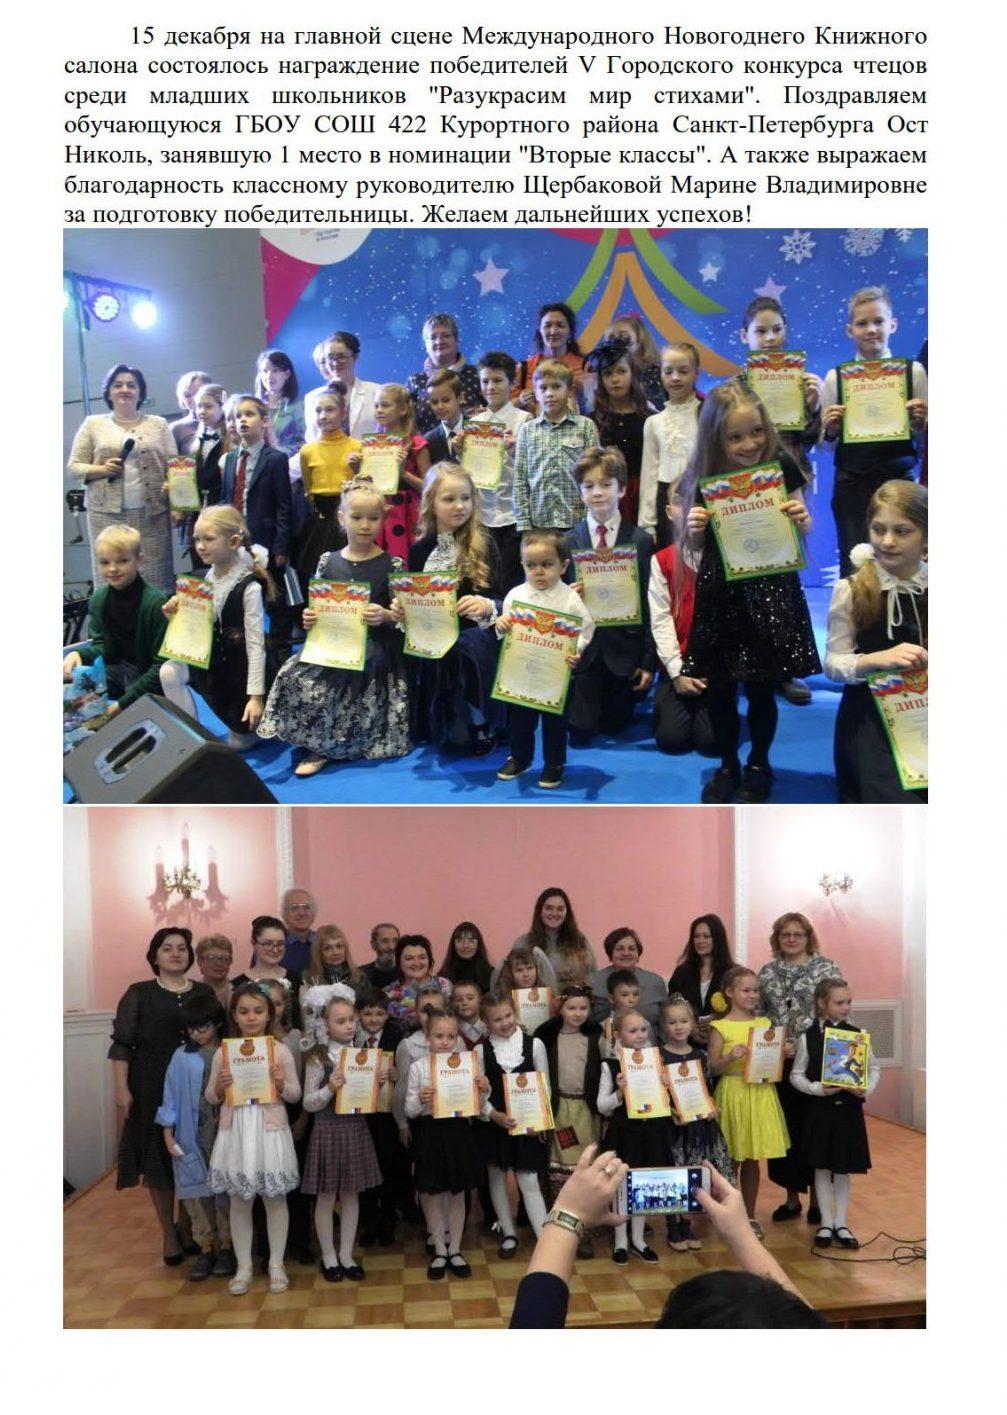 15 декабря на главной сцене Международного Новогоднего Книжного салона состоялось награждение победителей V Городского конкурса чтецов Разукрасим мир стихами_1